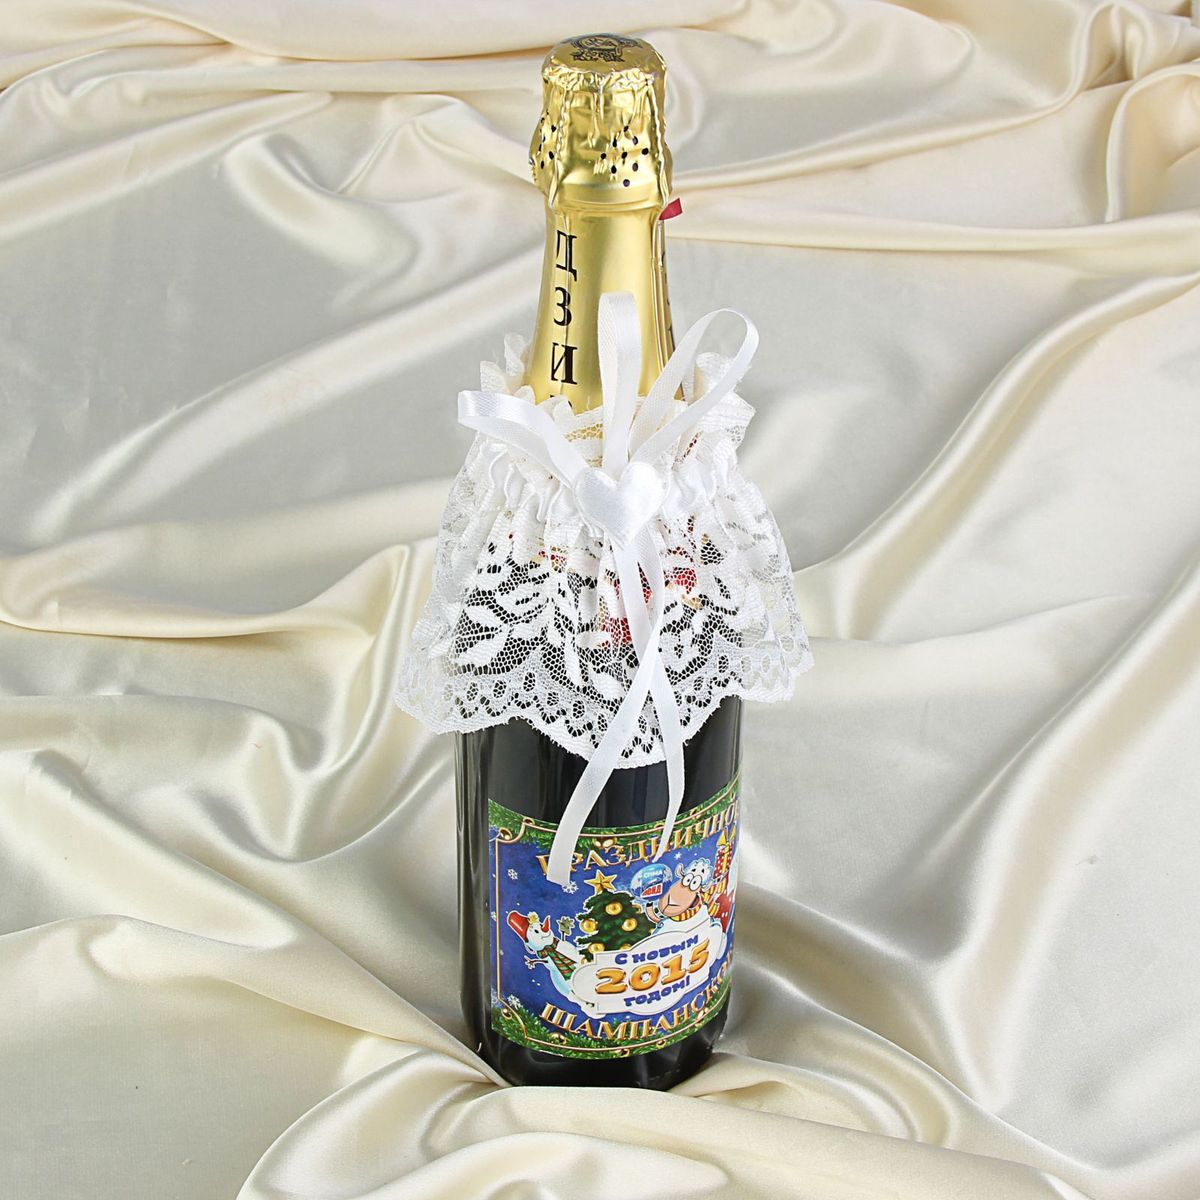 Поздравление на свадебной бутылке шампанского